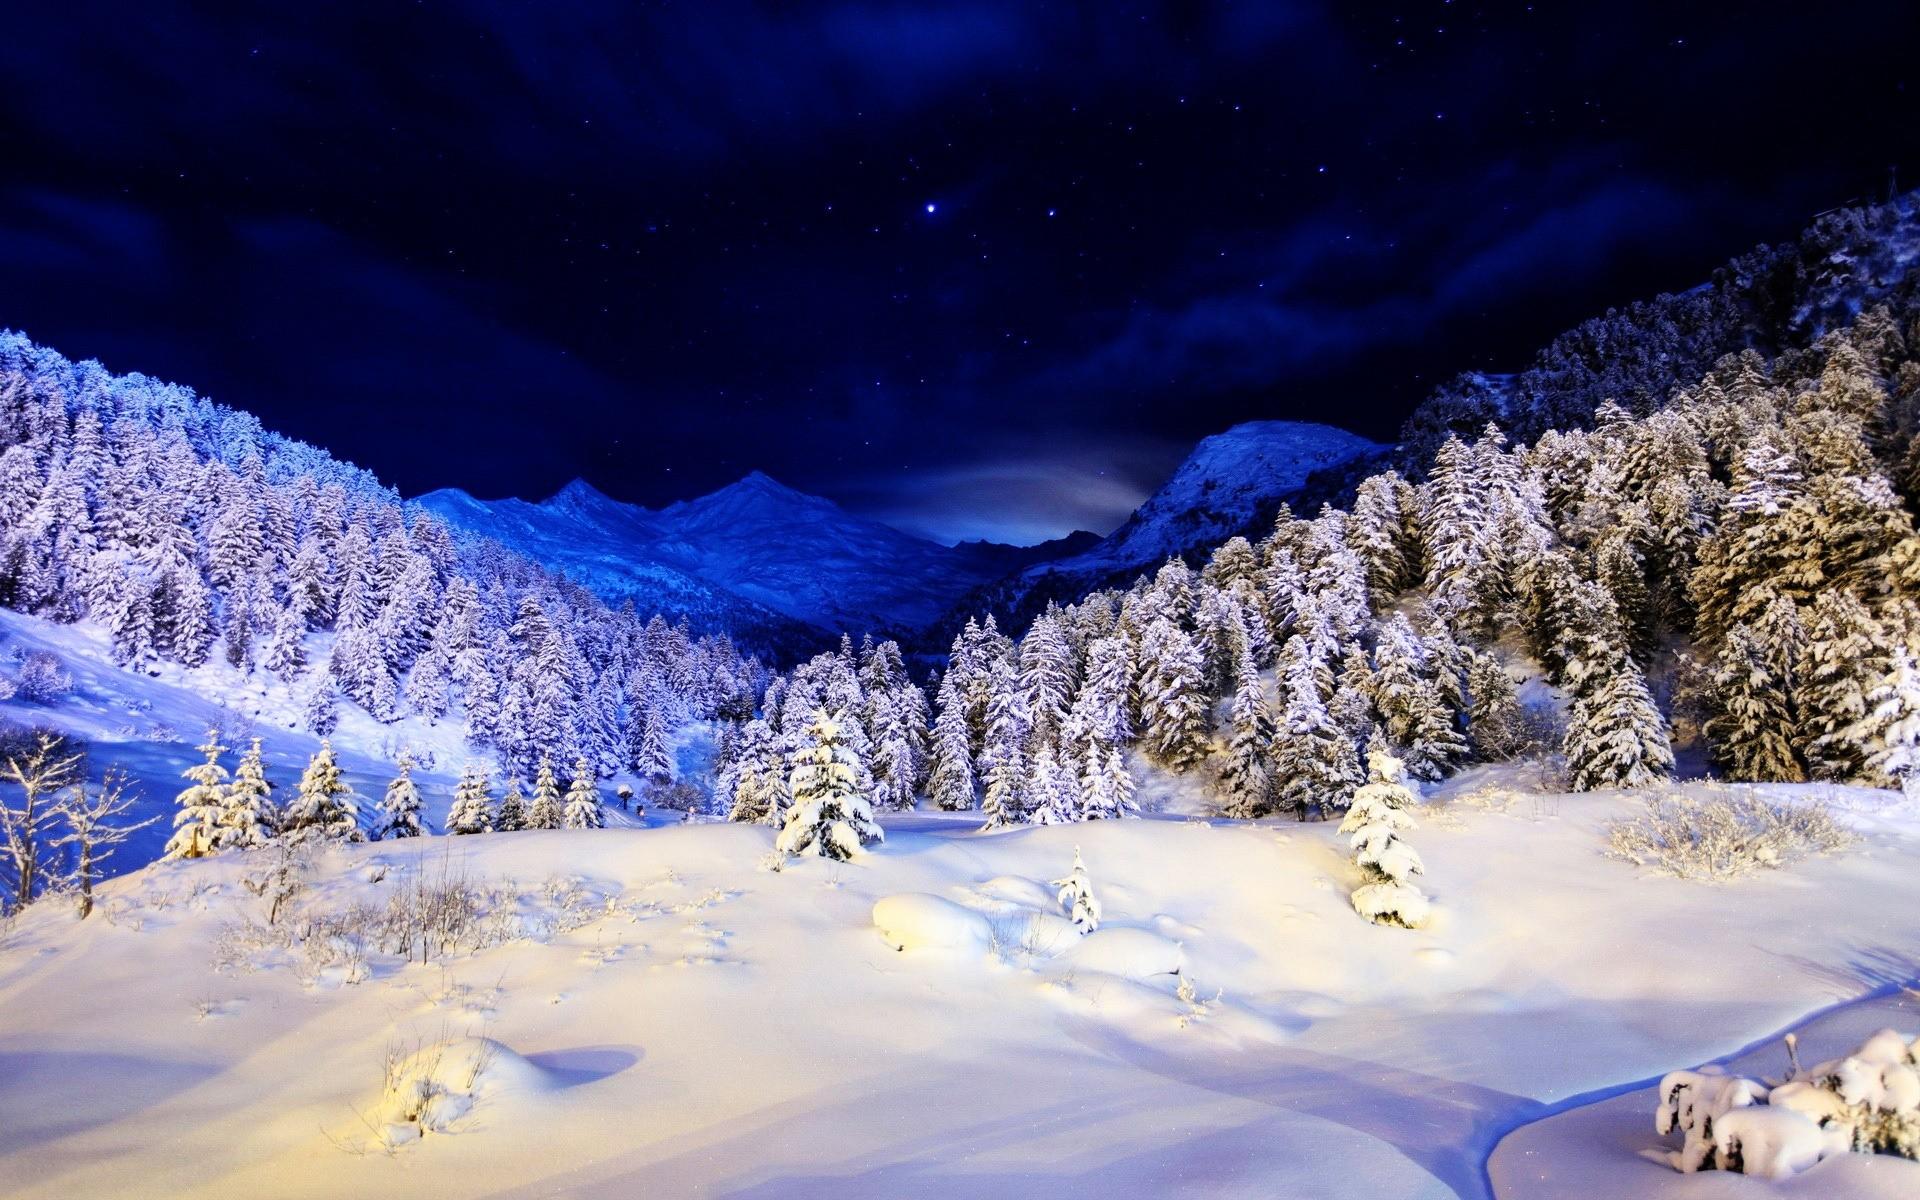 Картинки снег новый год на рабочий стол